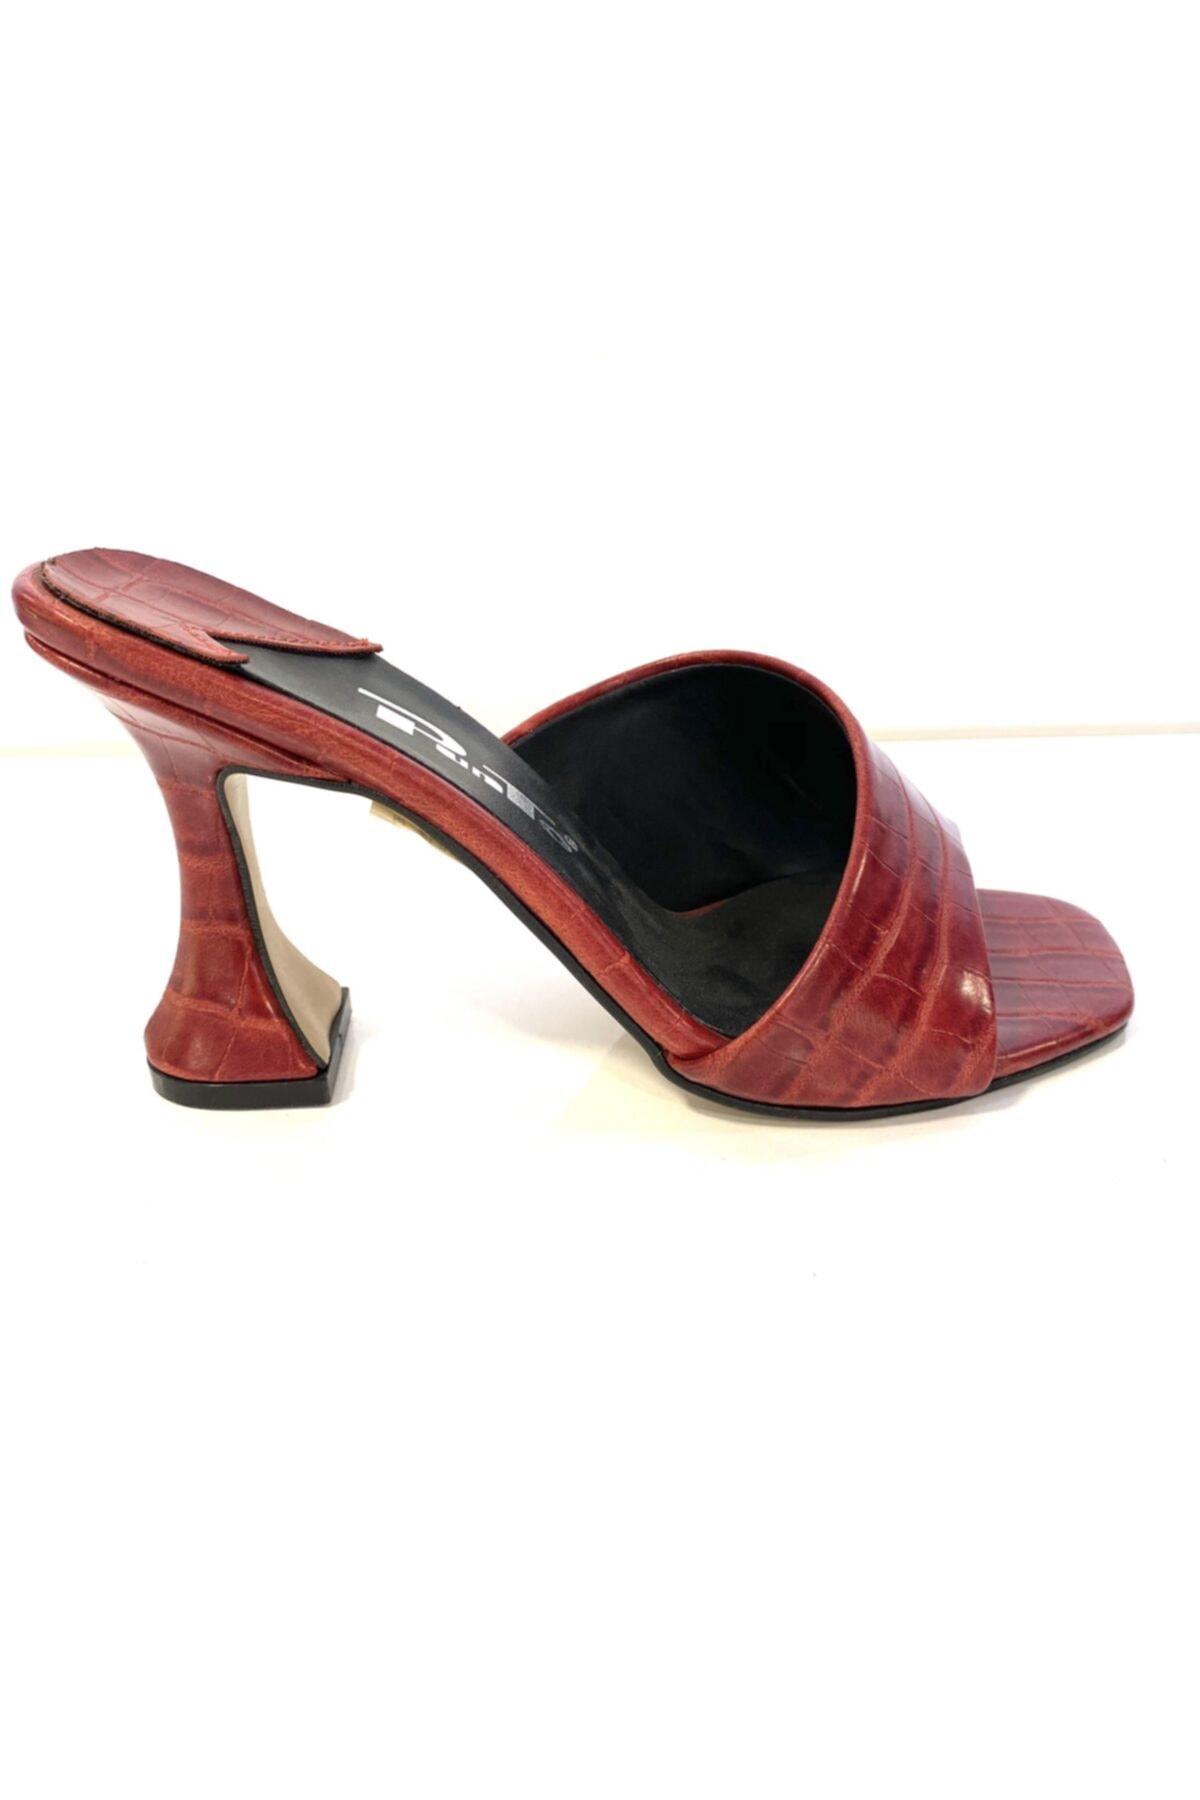 PUNTO 450033 Kadın Ince Topuklu Ayakkabı 1